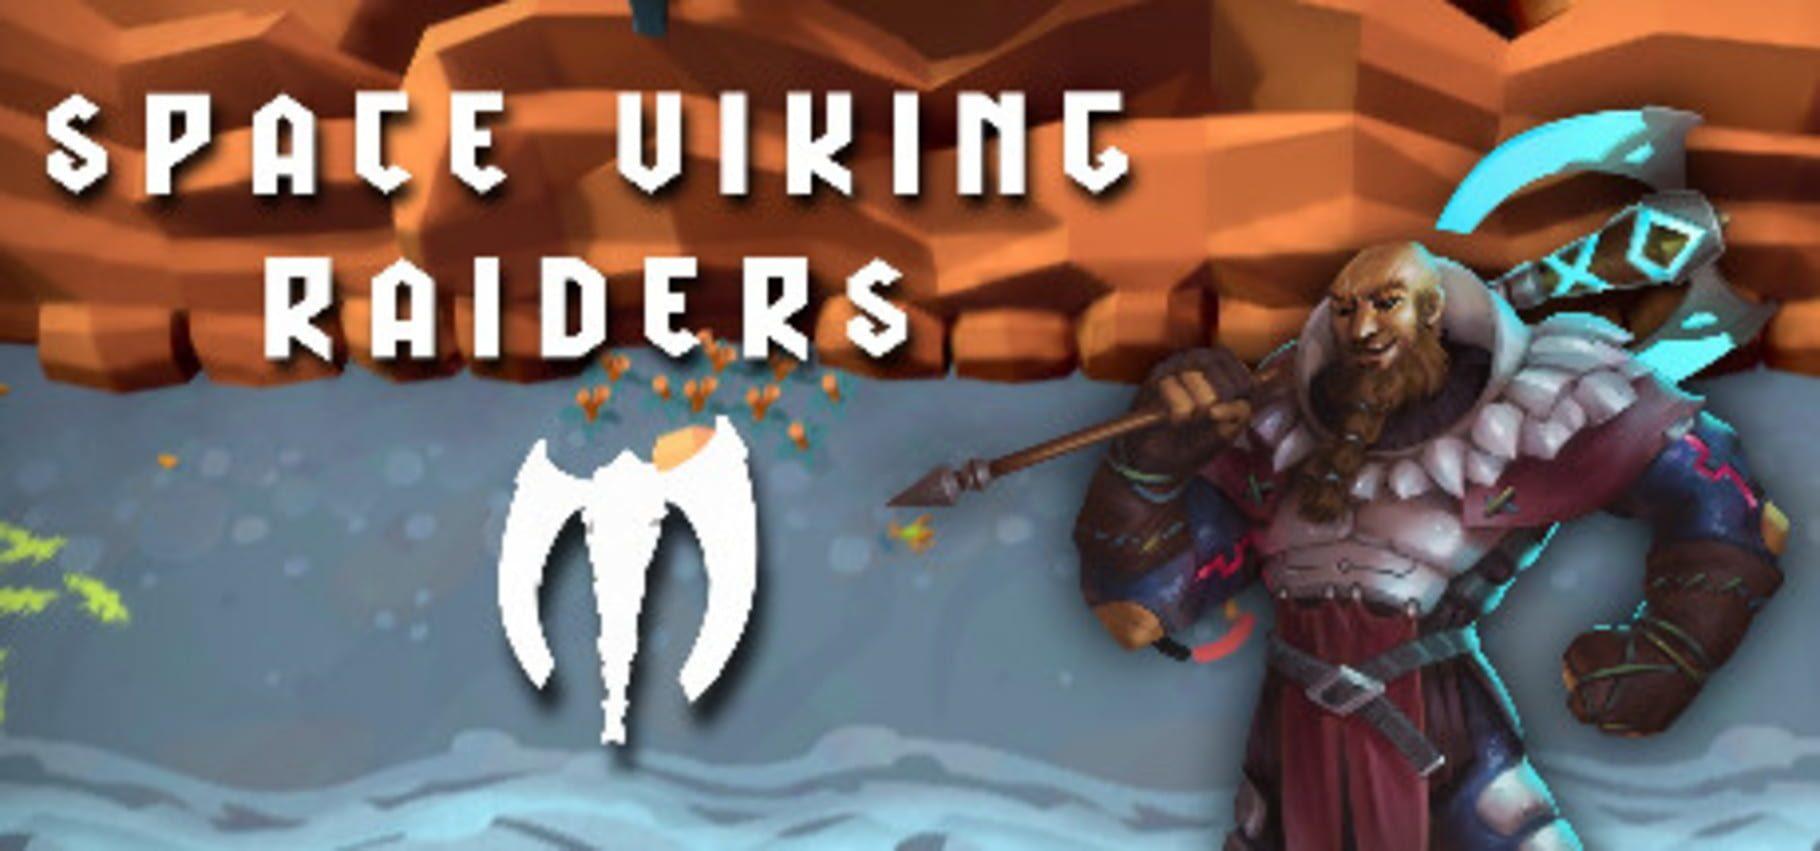 buy Space Viking Raiders cd key for all platform